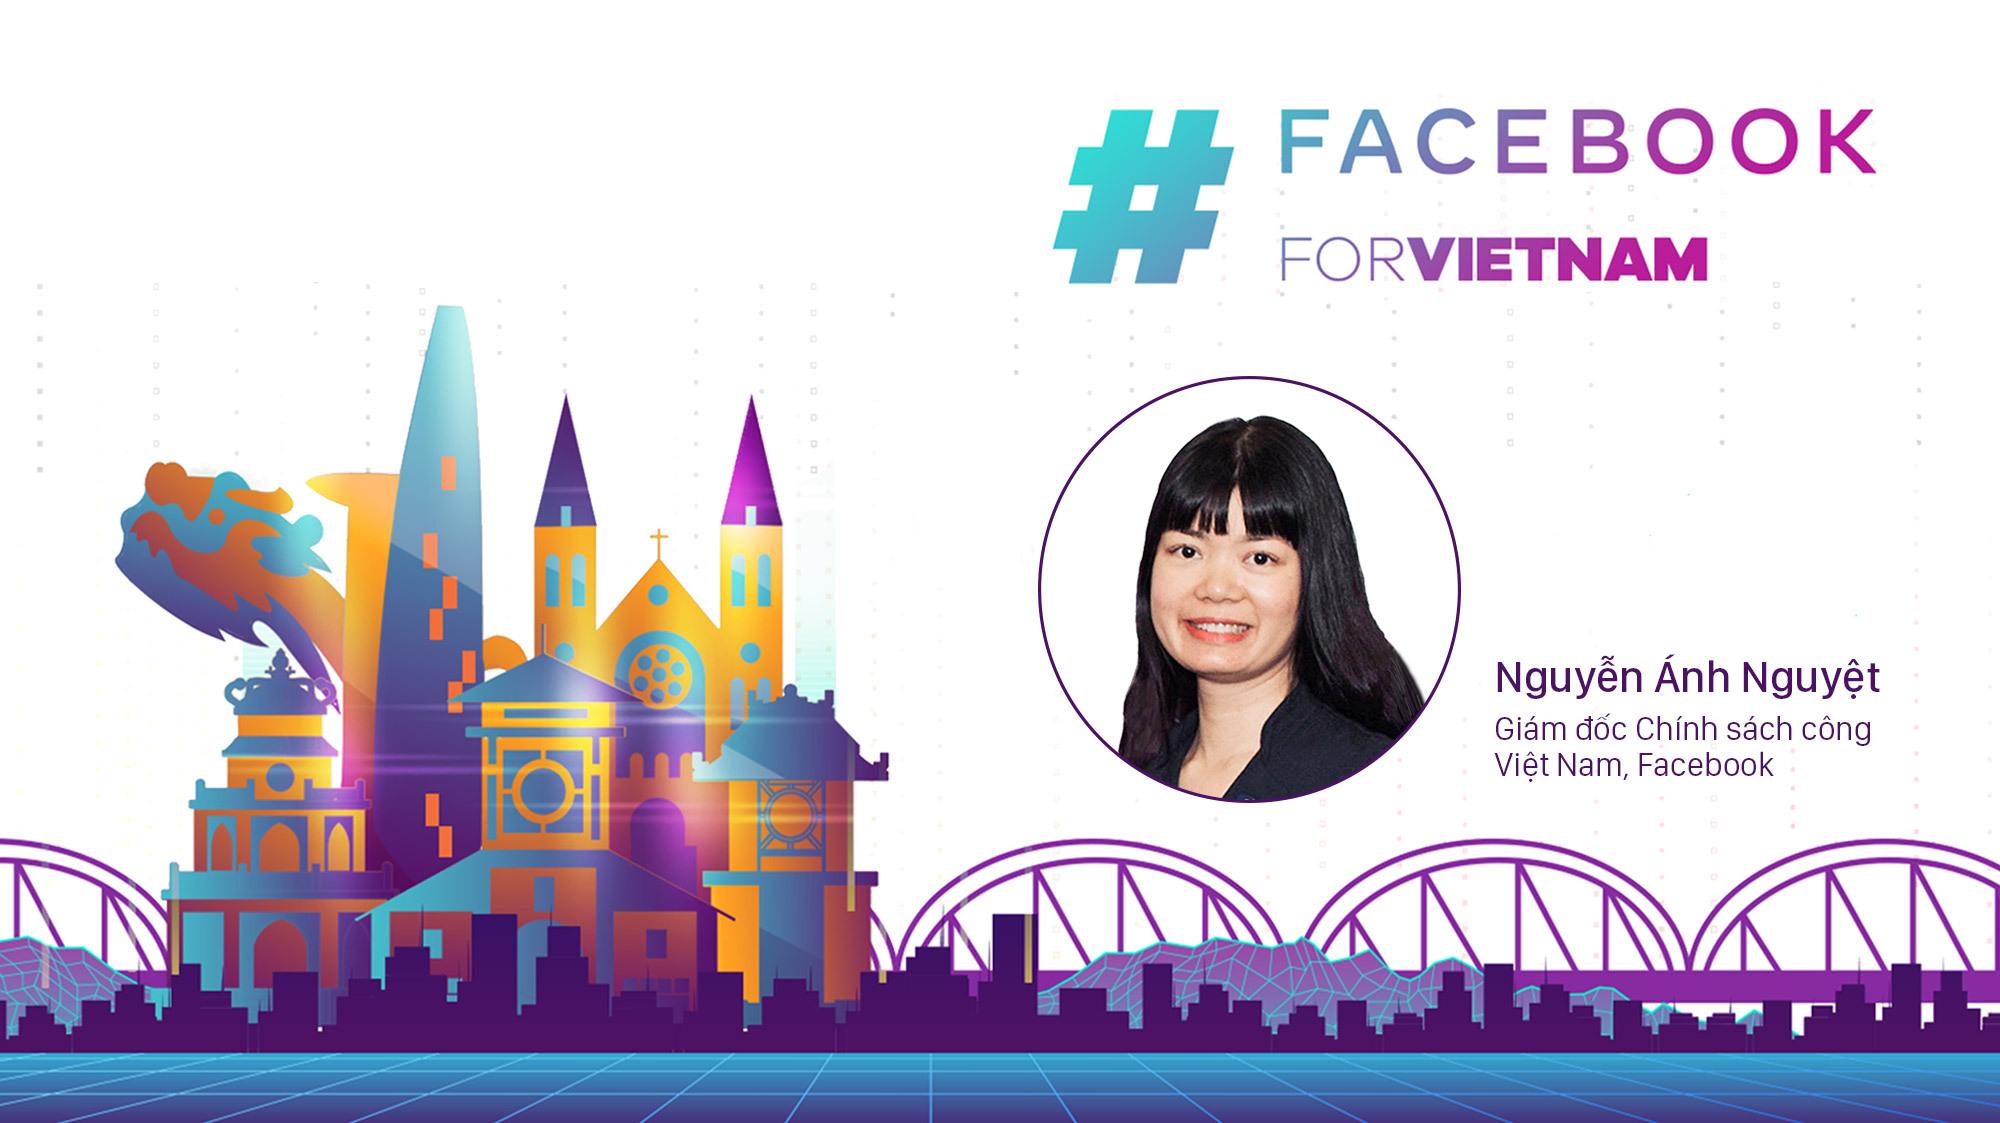 Trò chuyện cùng bà Nguyễn Ánh Nguyệt, Giám đốc Chính sách công Việt Nam, Facebook